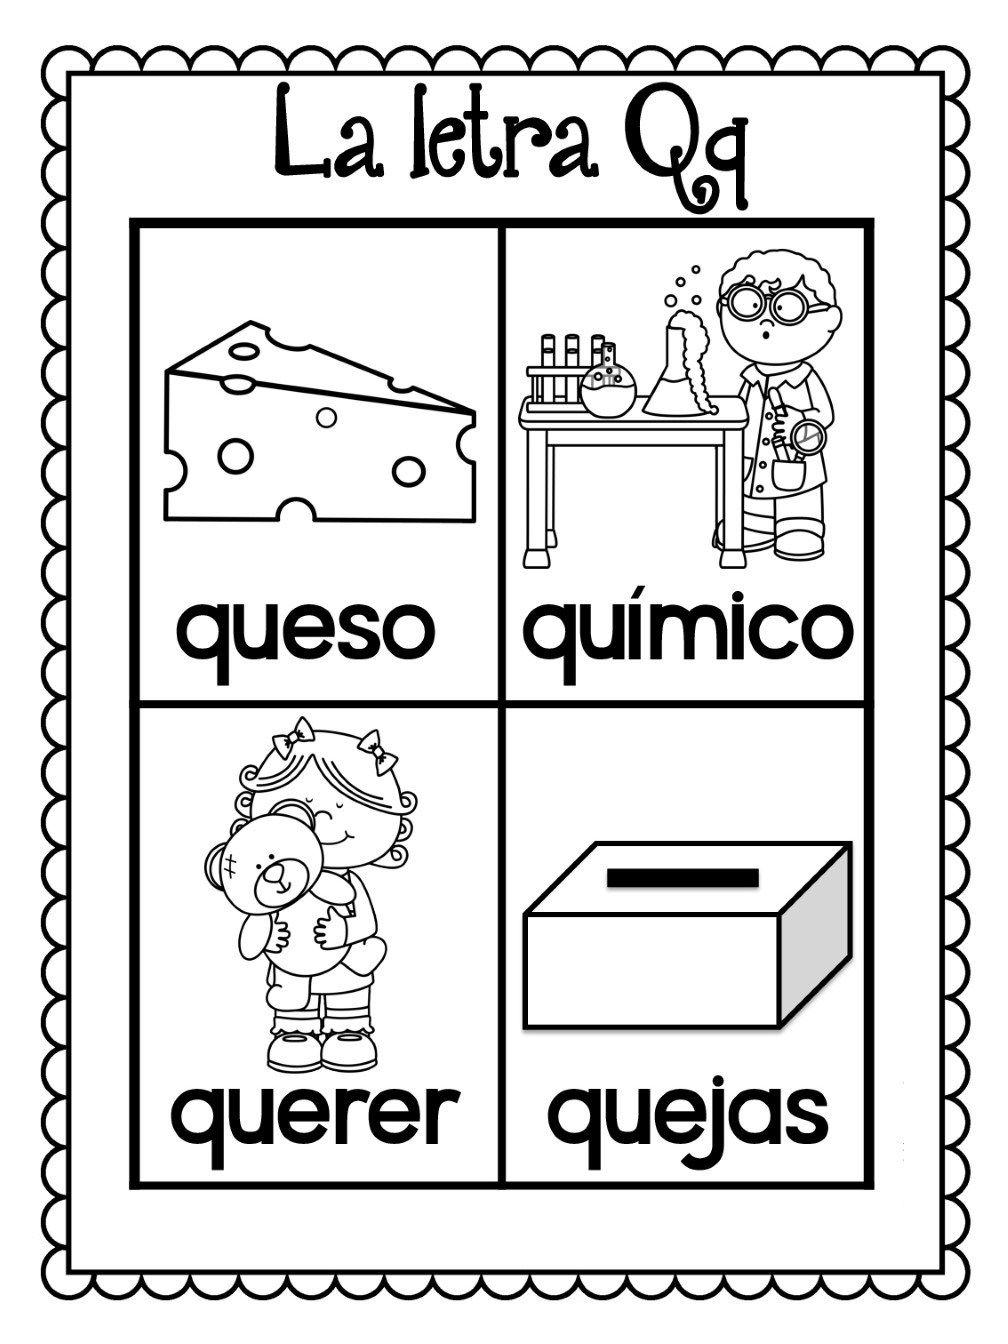 Con las fichas para aprender a leer el abecedario los niños podrán ...